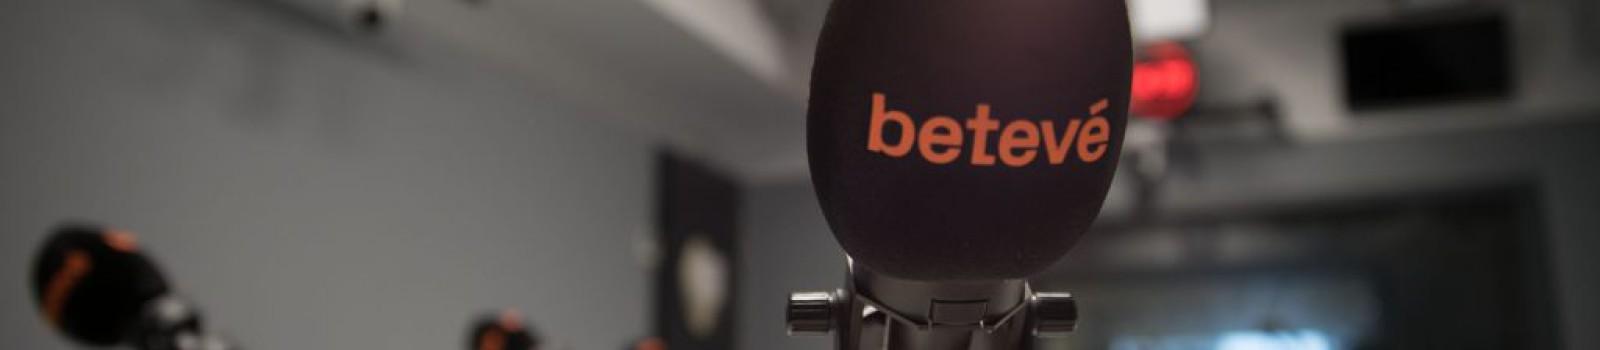 radio_beteve-1024x576